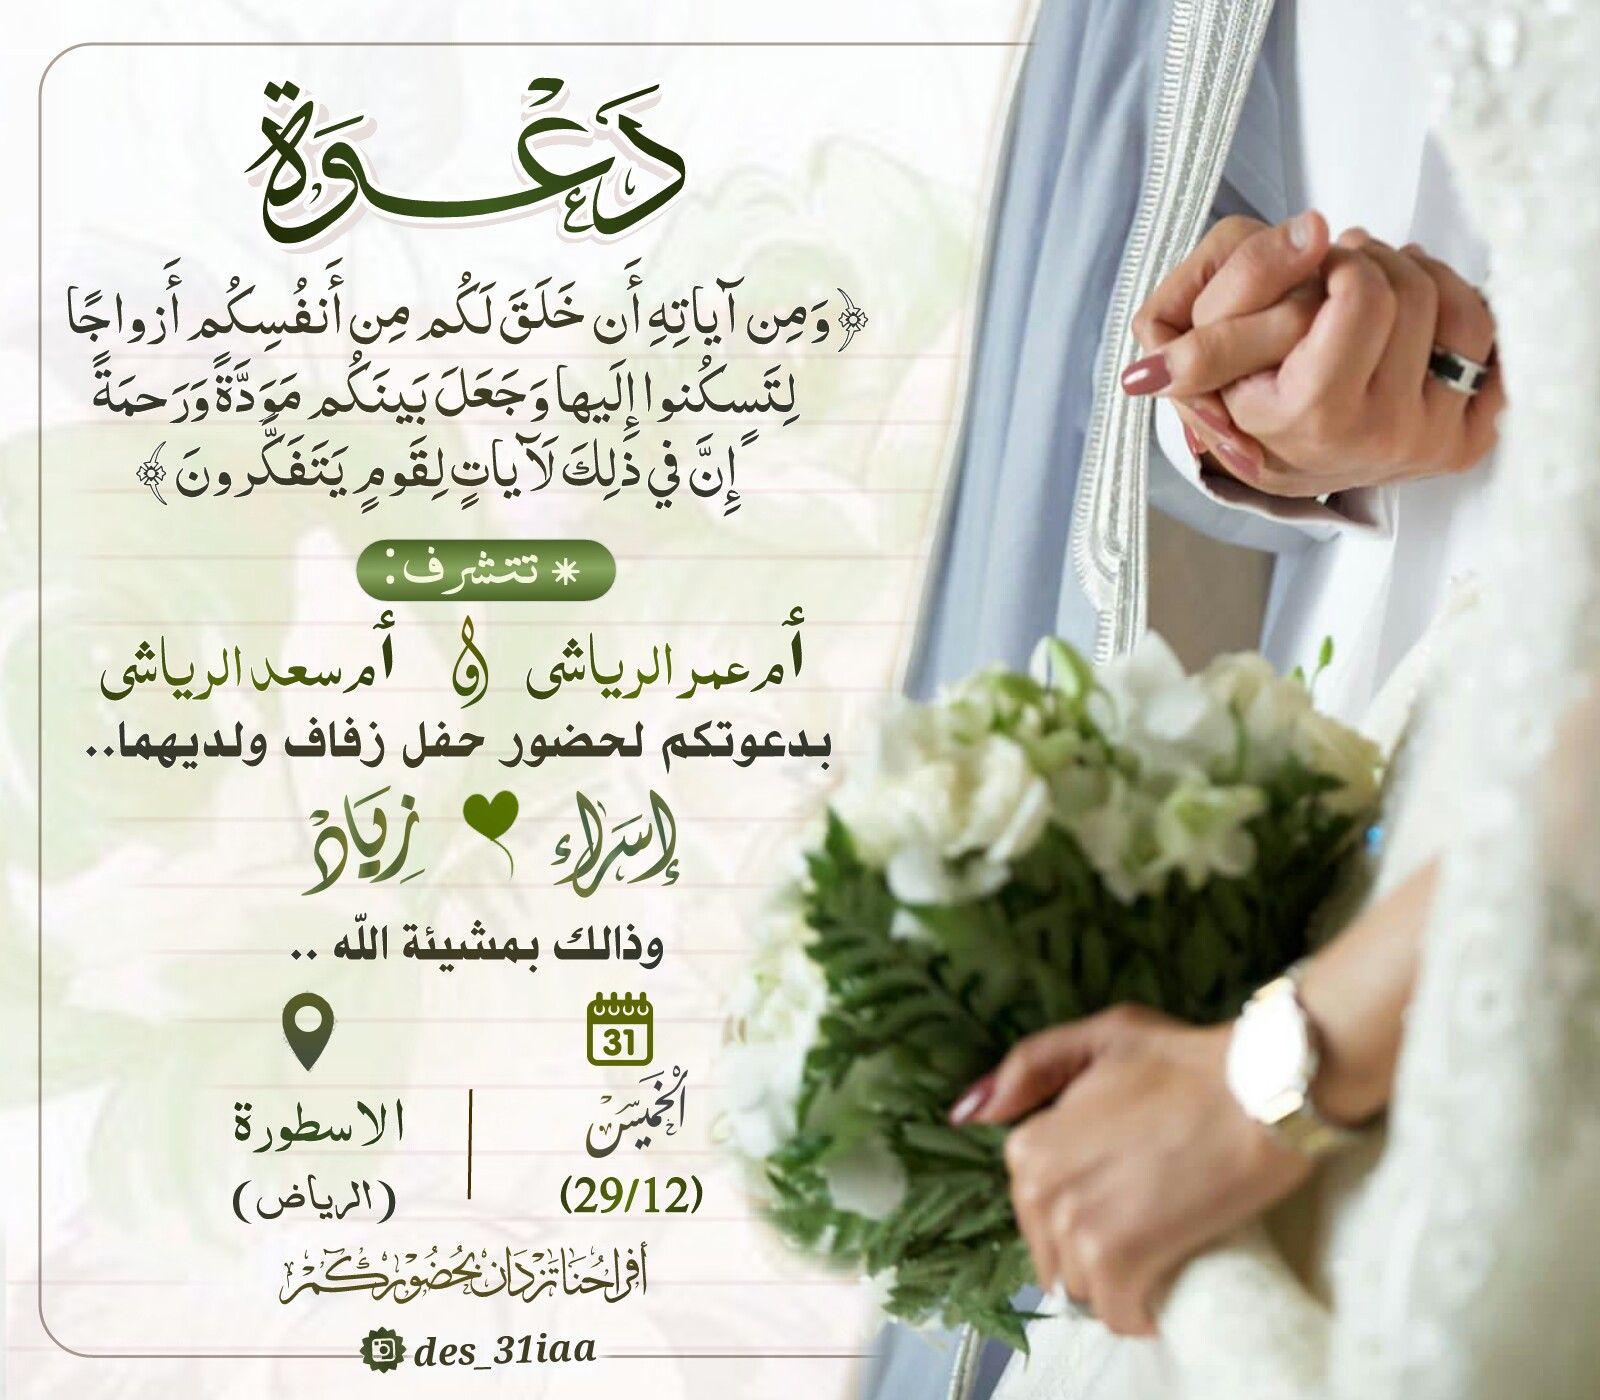 دعوة زفاف Wedding Invitation Video Wedding Drawing Wedding Logo Design